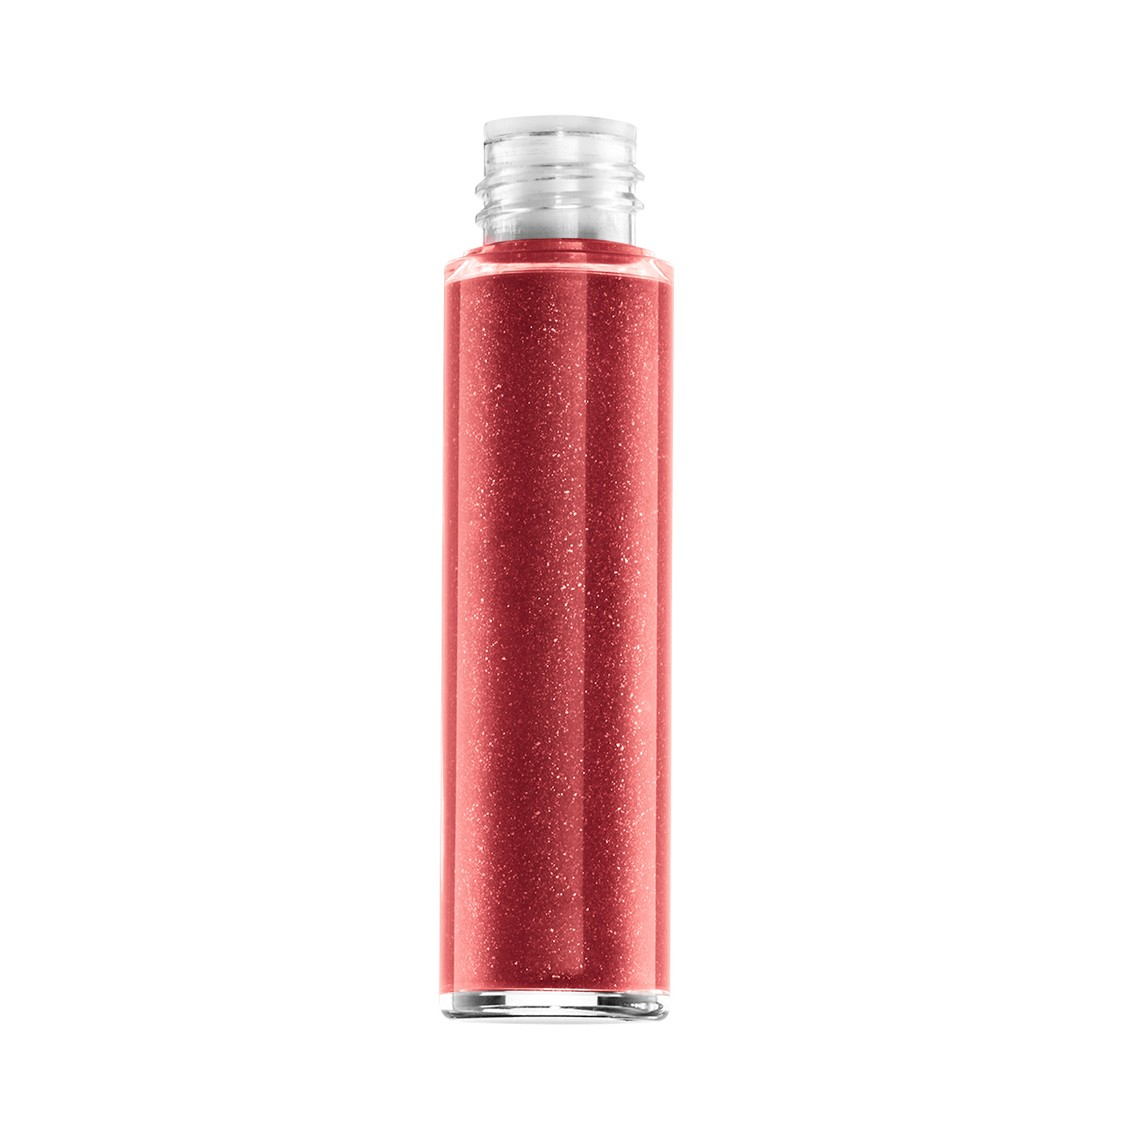 Max Factor Lipfinity Lip Colour